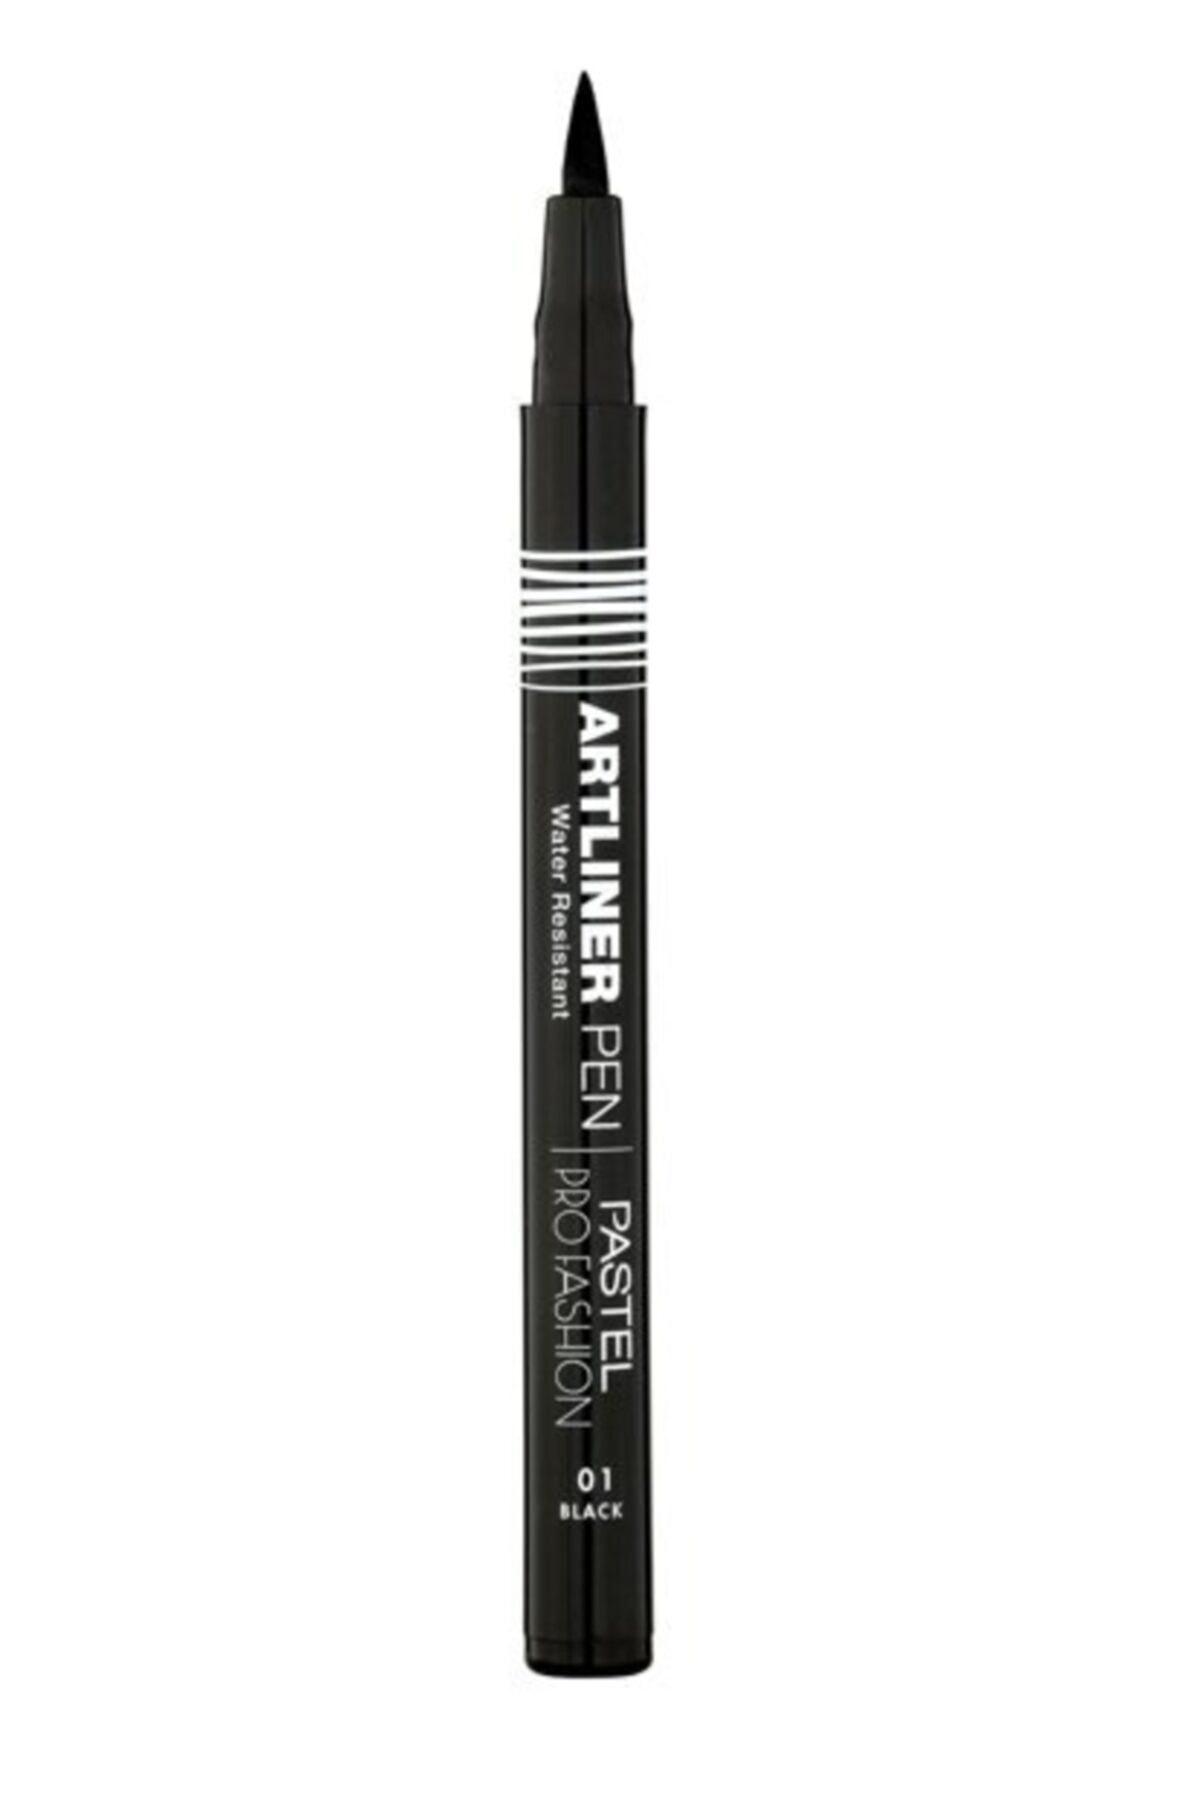 Pastel Siyah Kalem Eyeliner - Profashion Artliner Pen No 01 Black 8690644010538